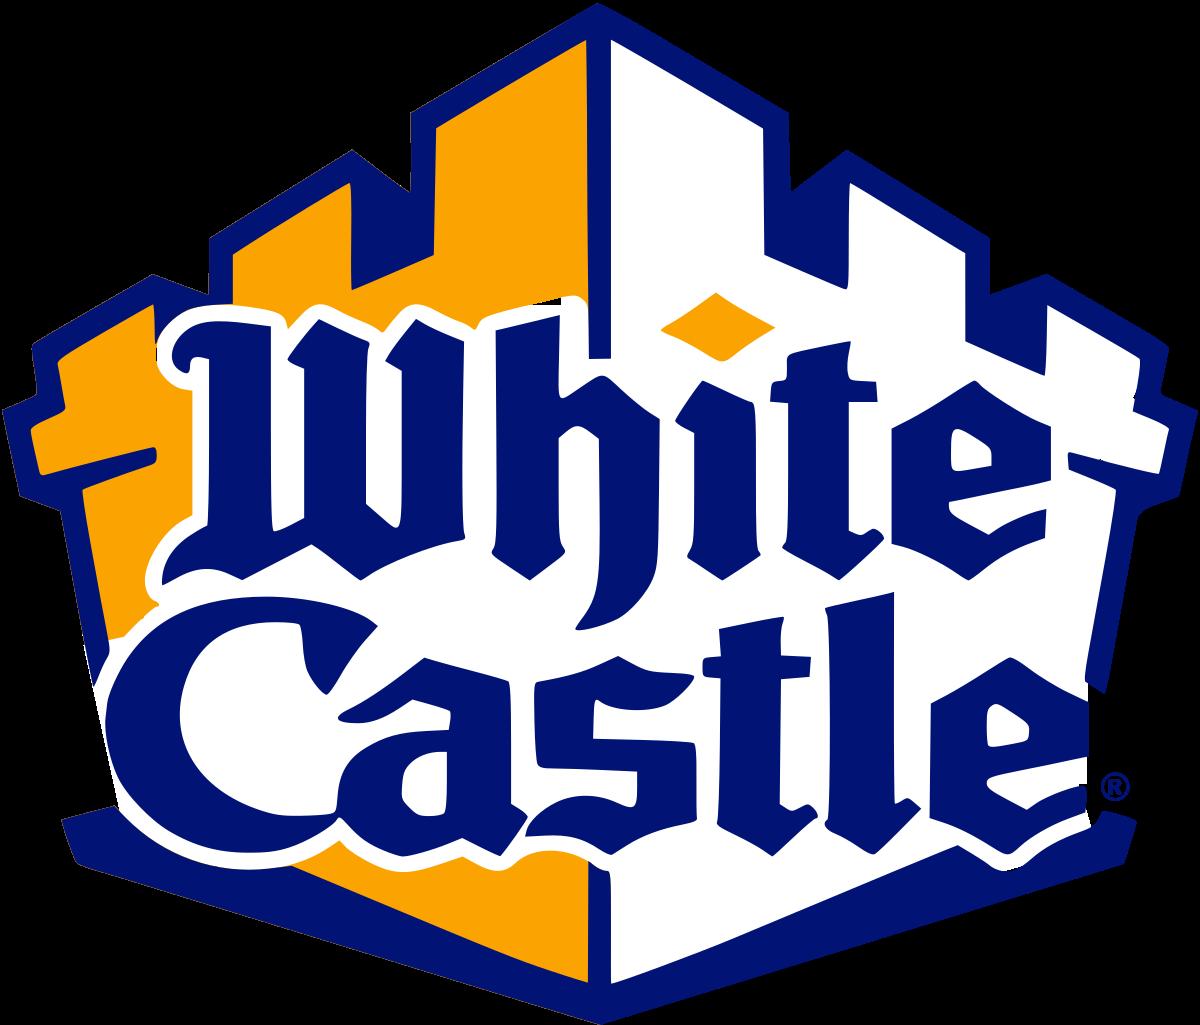 White Castle's logo